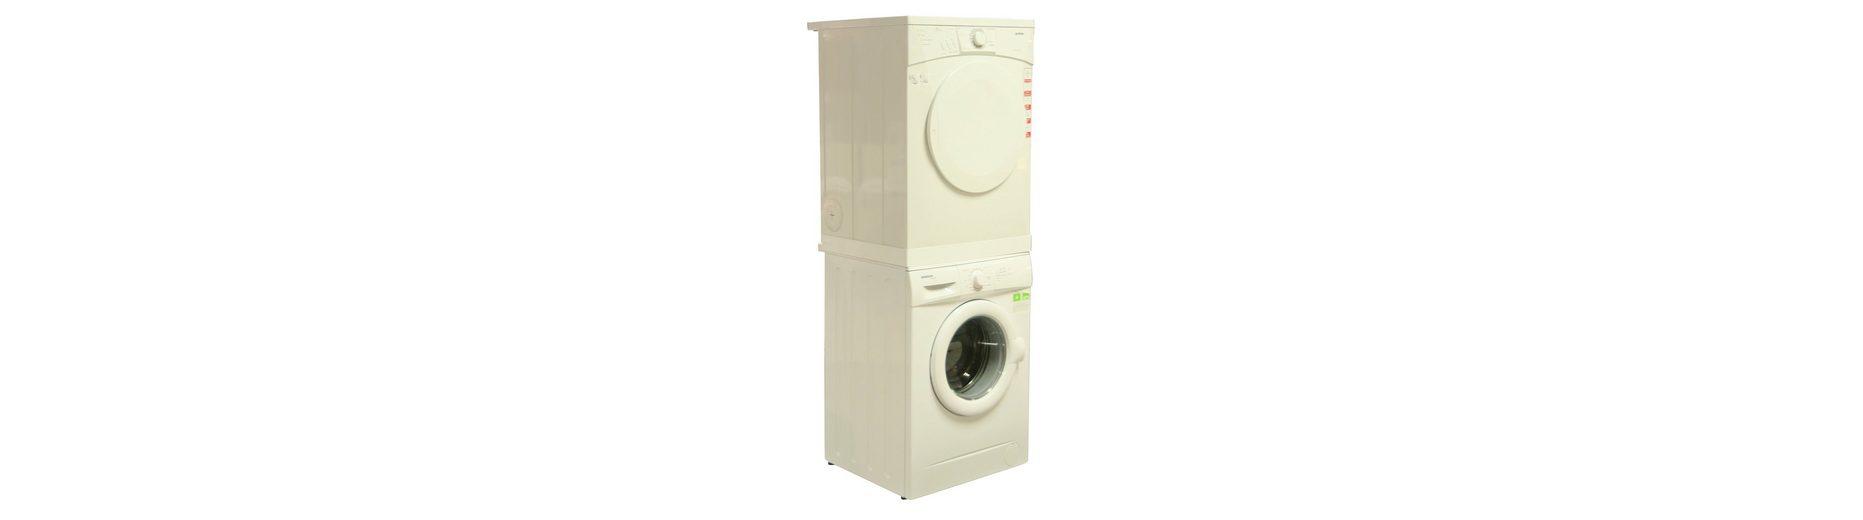 Verbindungsrahmen, für Waschmaschinen